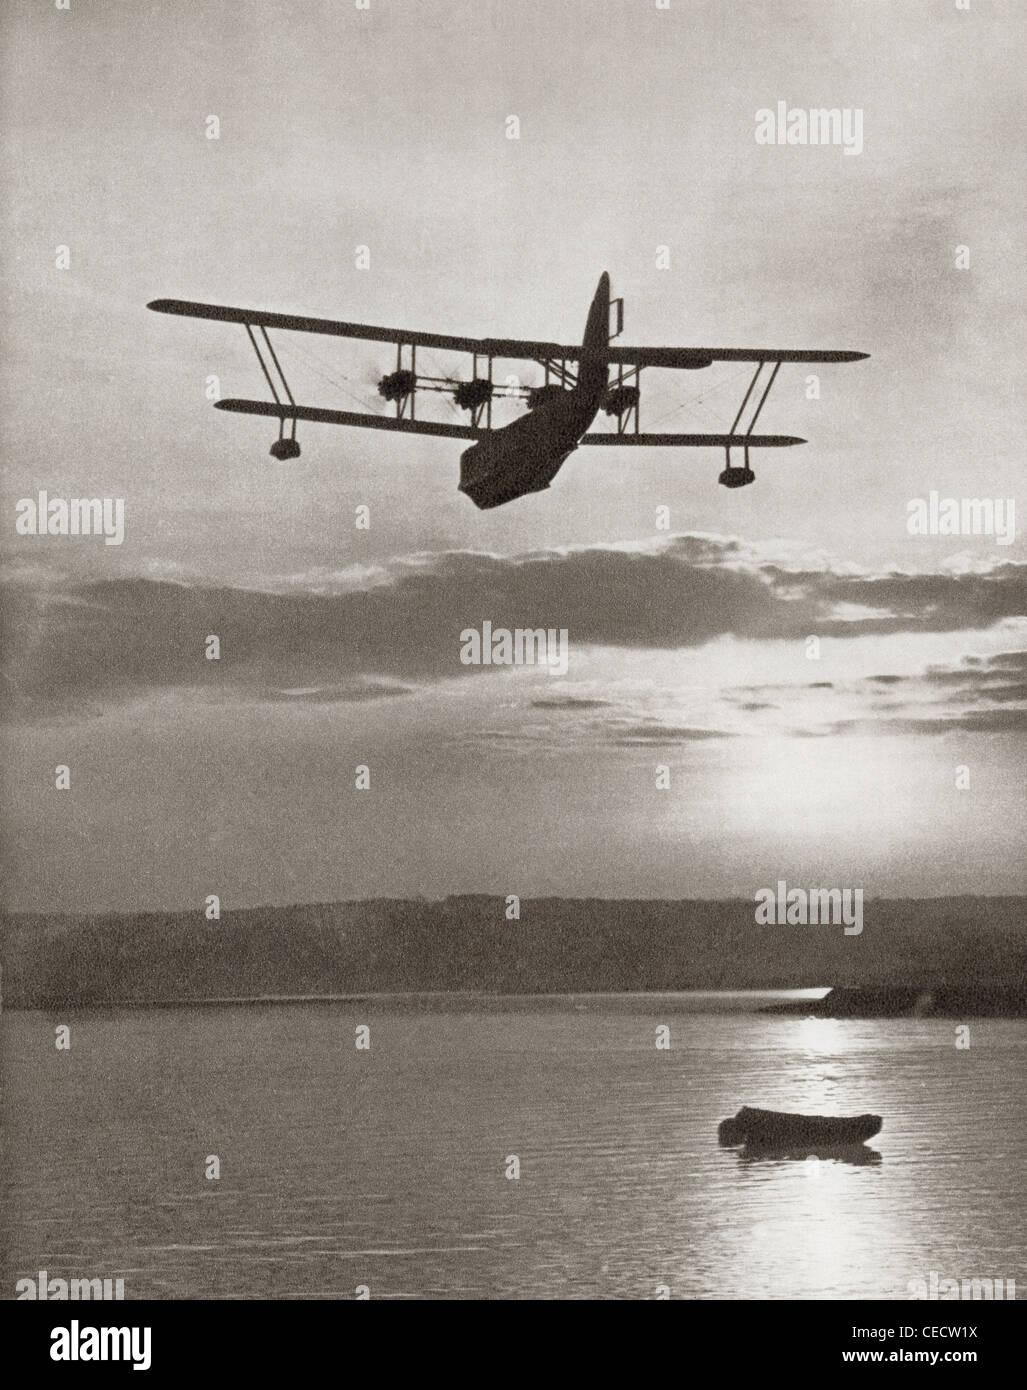 Un Imperial Airlines Scipione classe flying boat c.1931. Dalla storia di 25 anni densi di eventi in immagini, pubblicato Immagini Stock